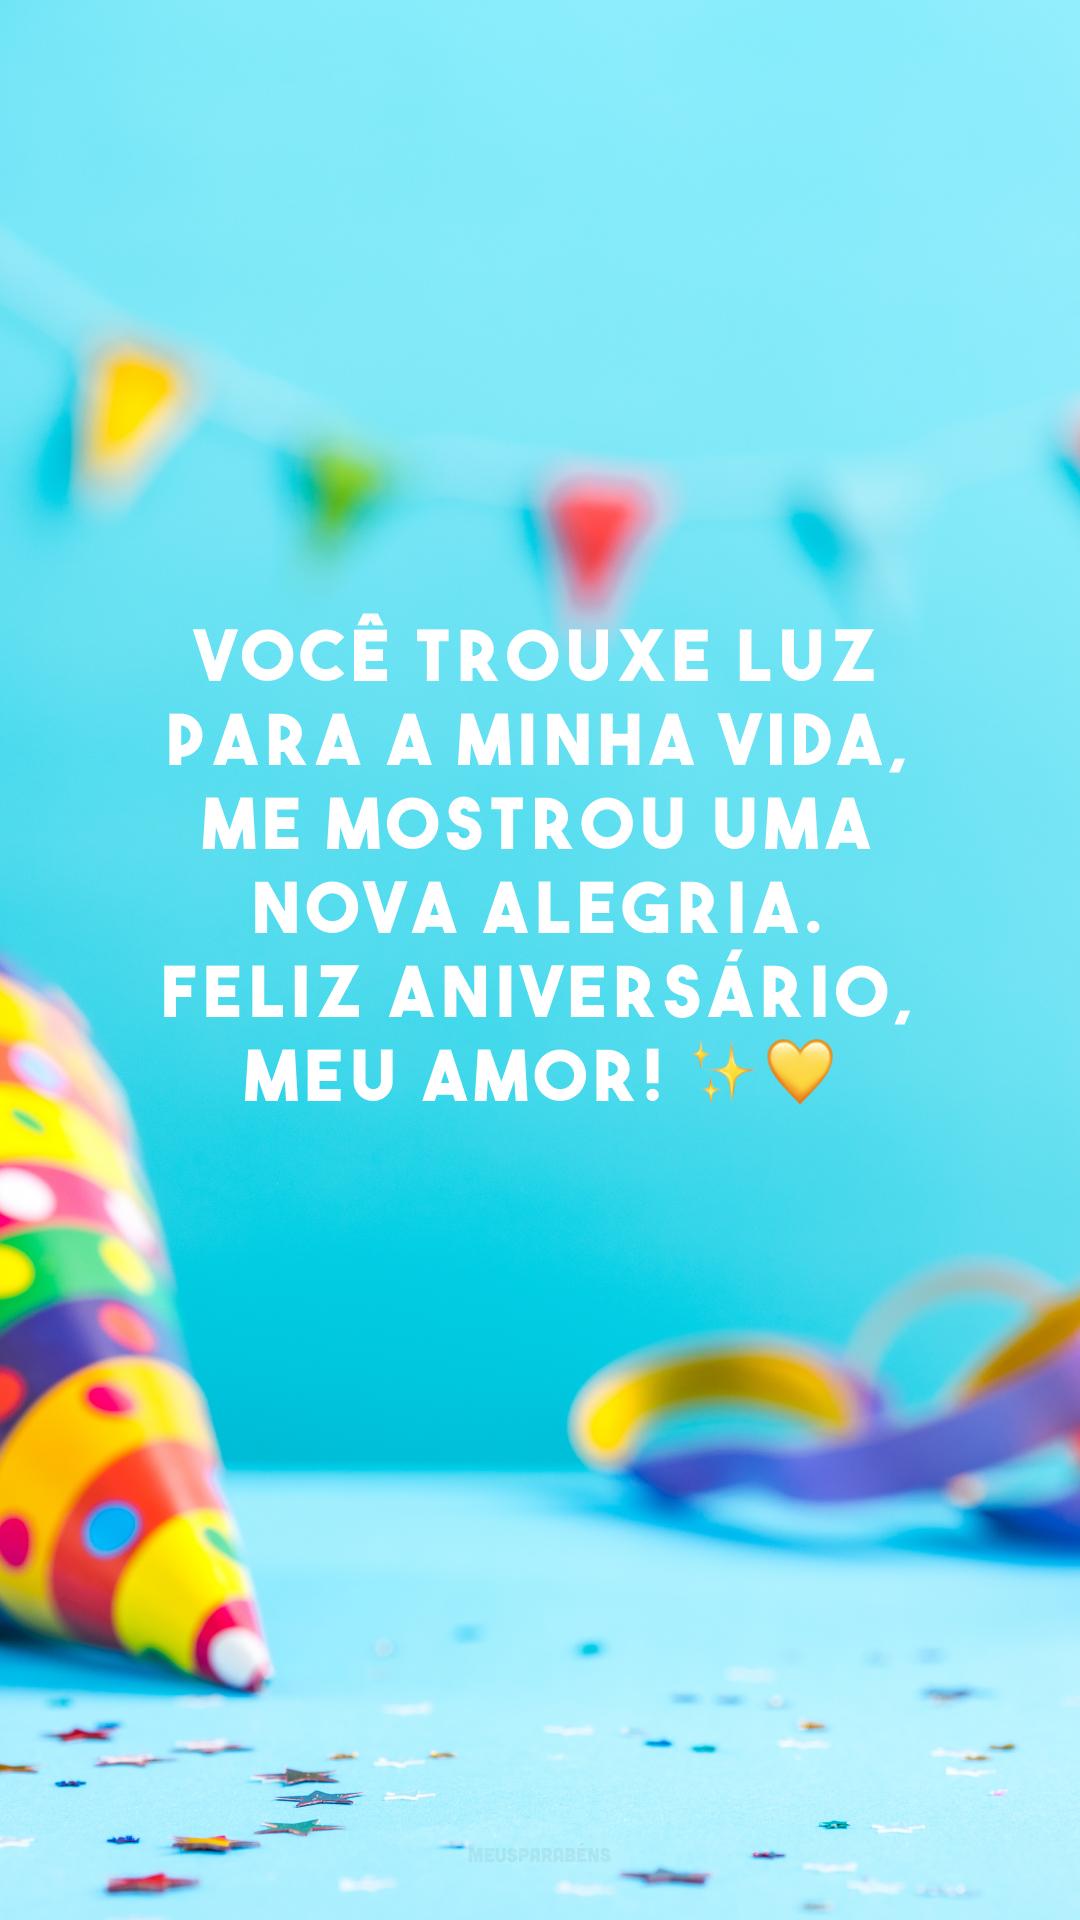 Você trouxe luz para a minha vida, me mostrou uma nova alegria. Feliz aniversário, meu amor! ✨💛